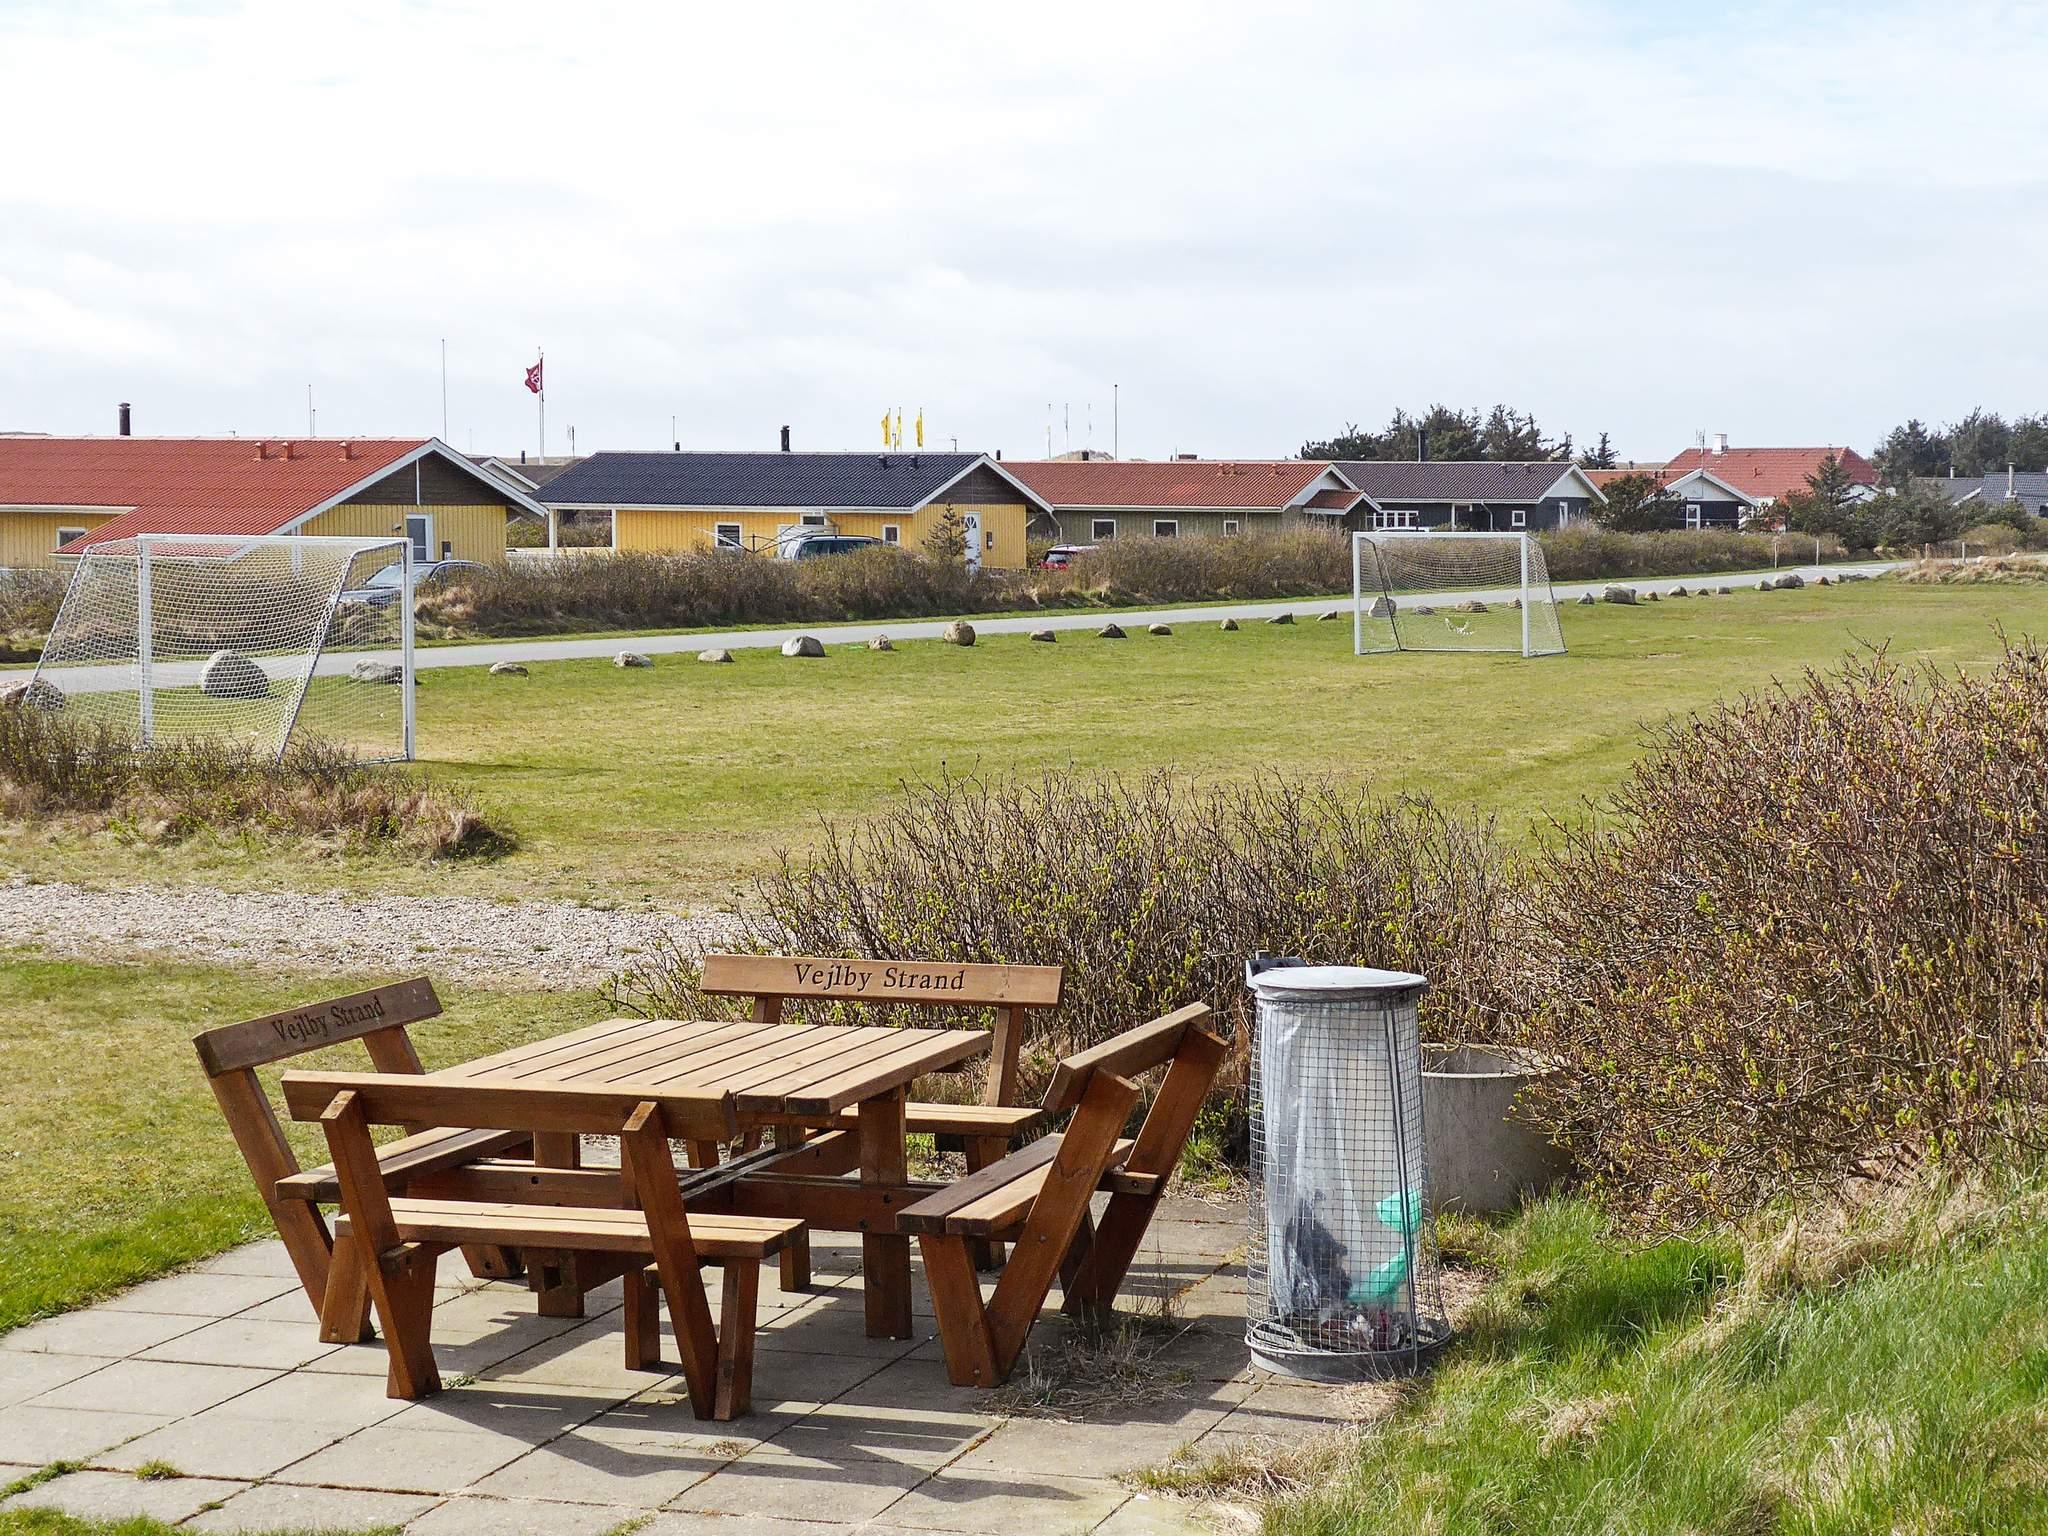 Ferienhaus Vejlby Klit (84230), Harboøre, , Limfjord, Dänemark, Bild 19